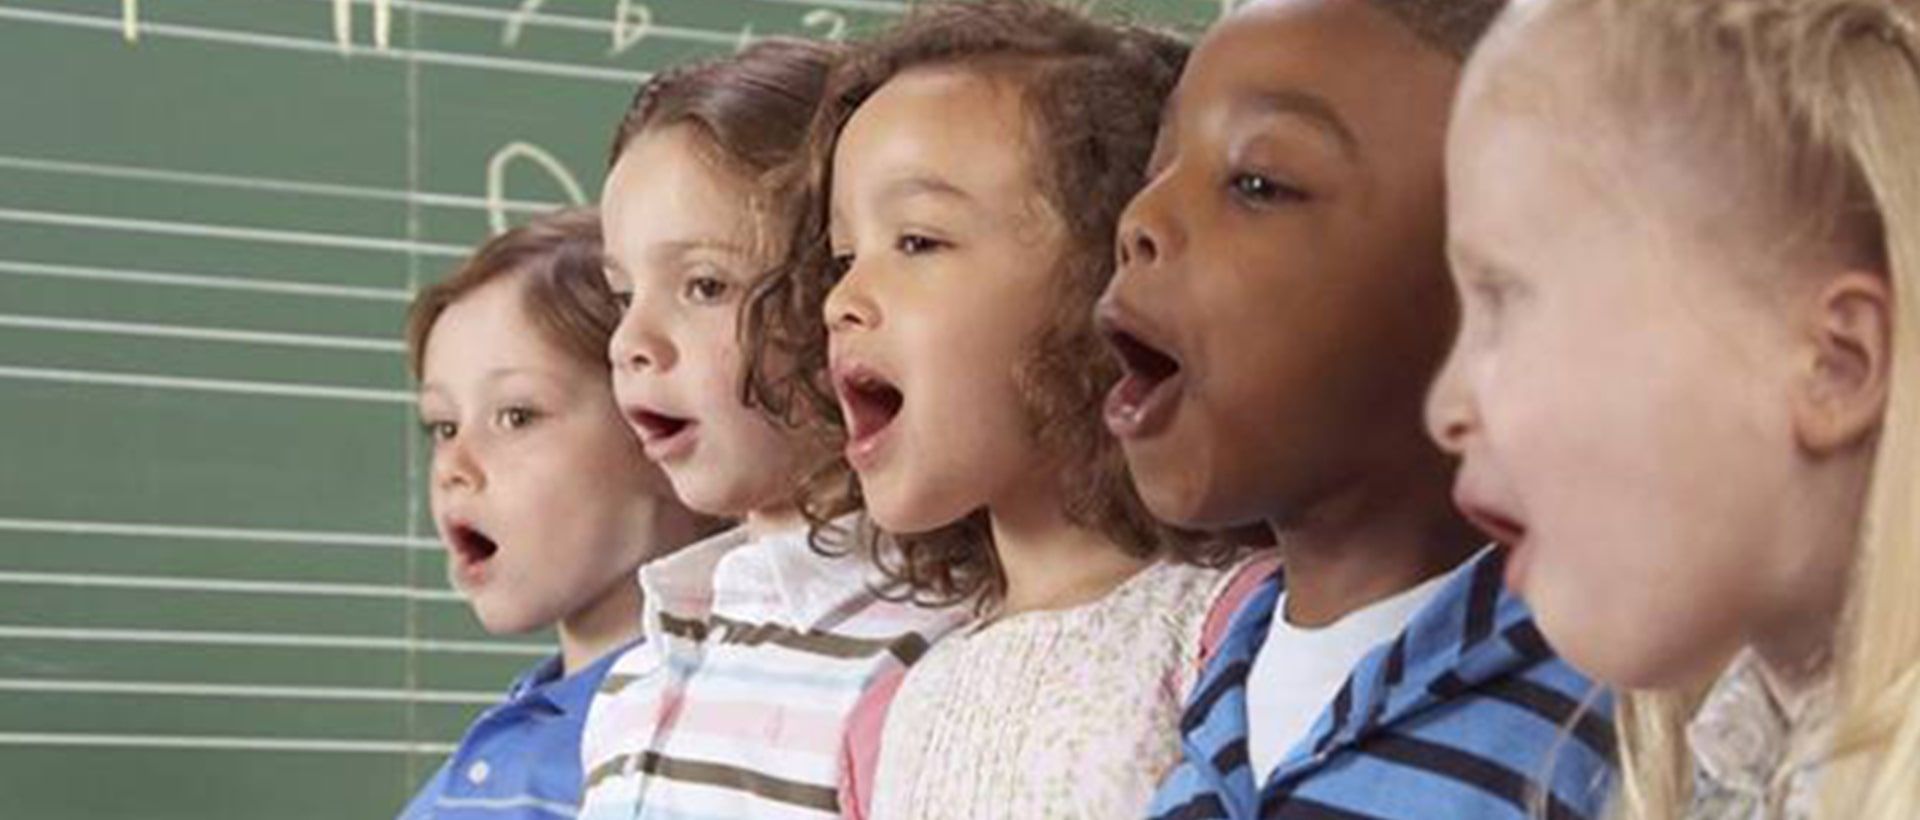 Ensino de música eleva desempenho de música, diz estudo